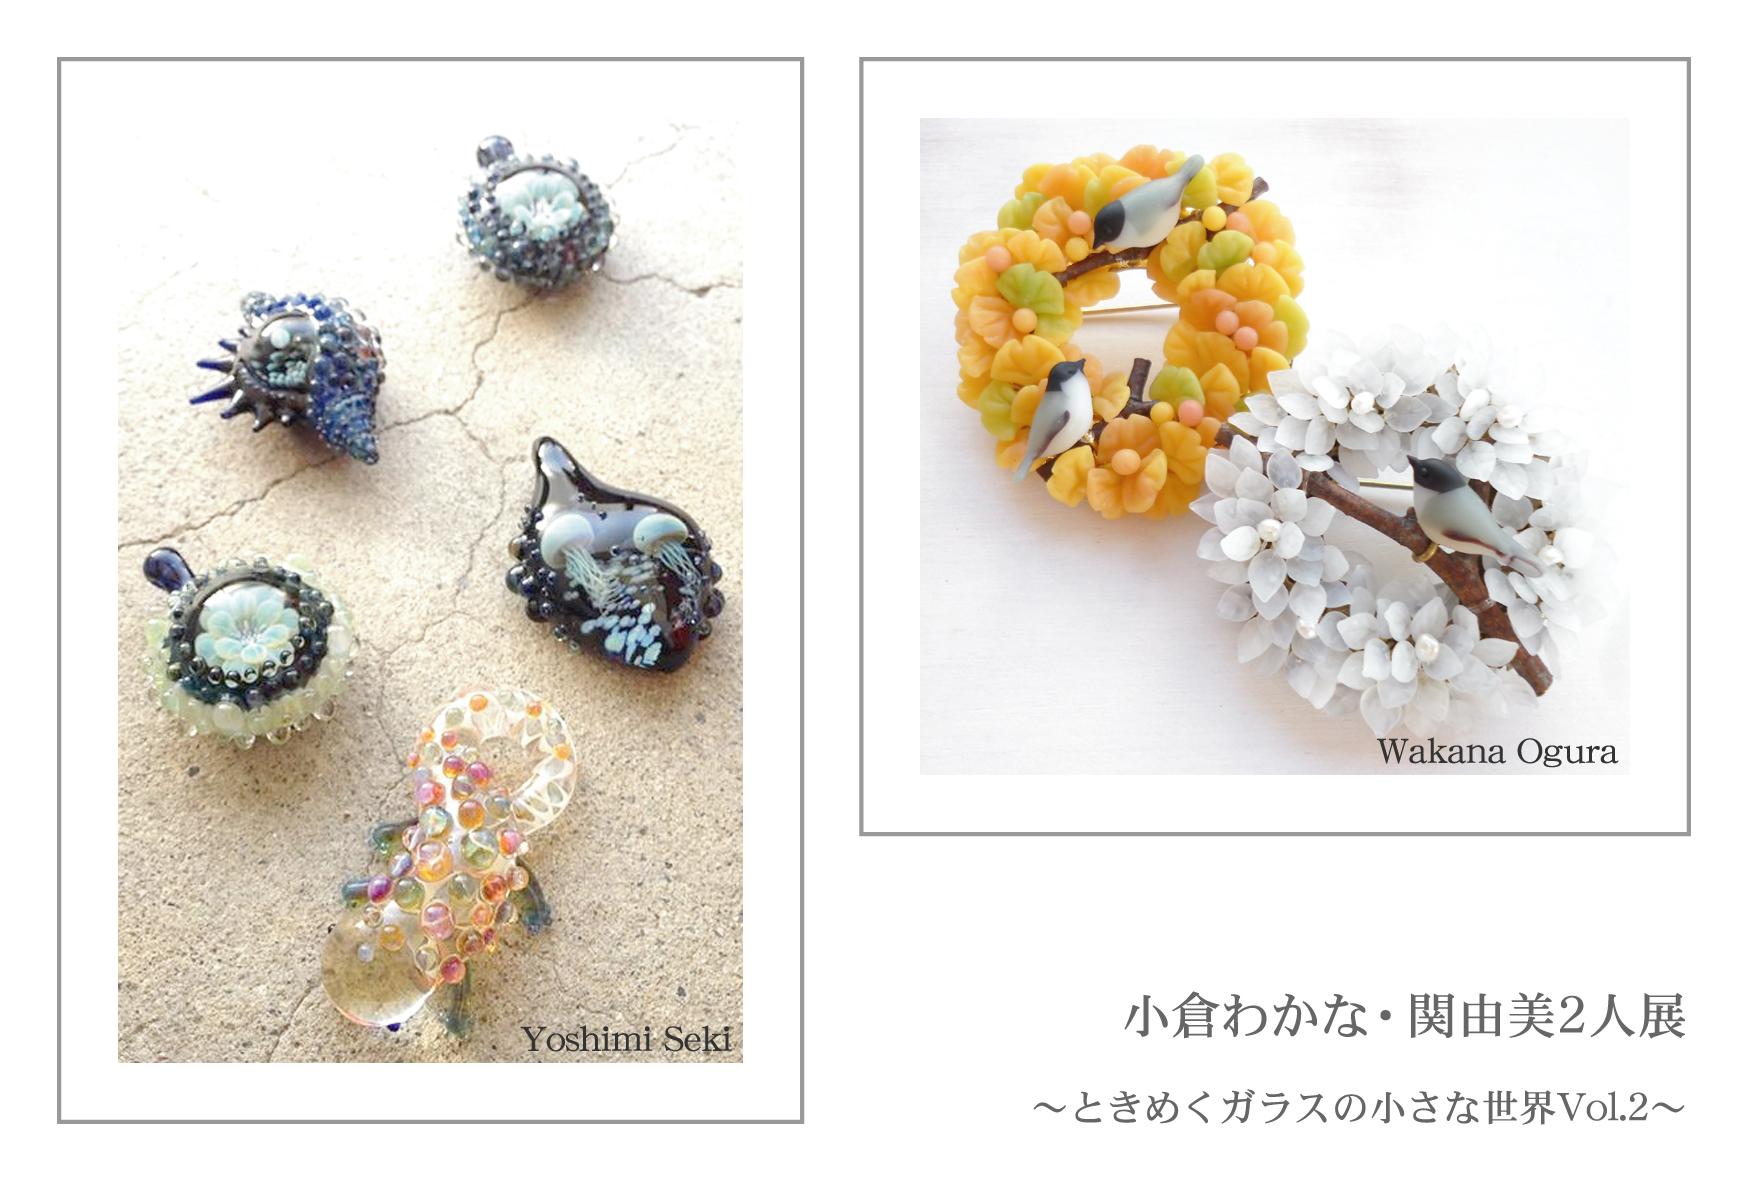 小倉わかな・関由美2人展~ときめくガラスの小さな世界Vol.2~